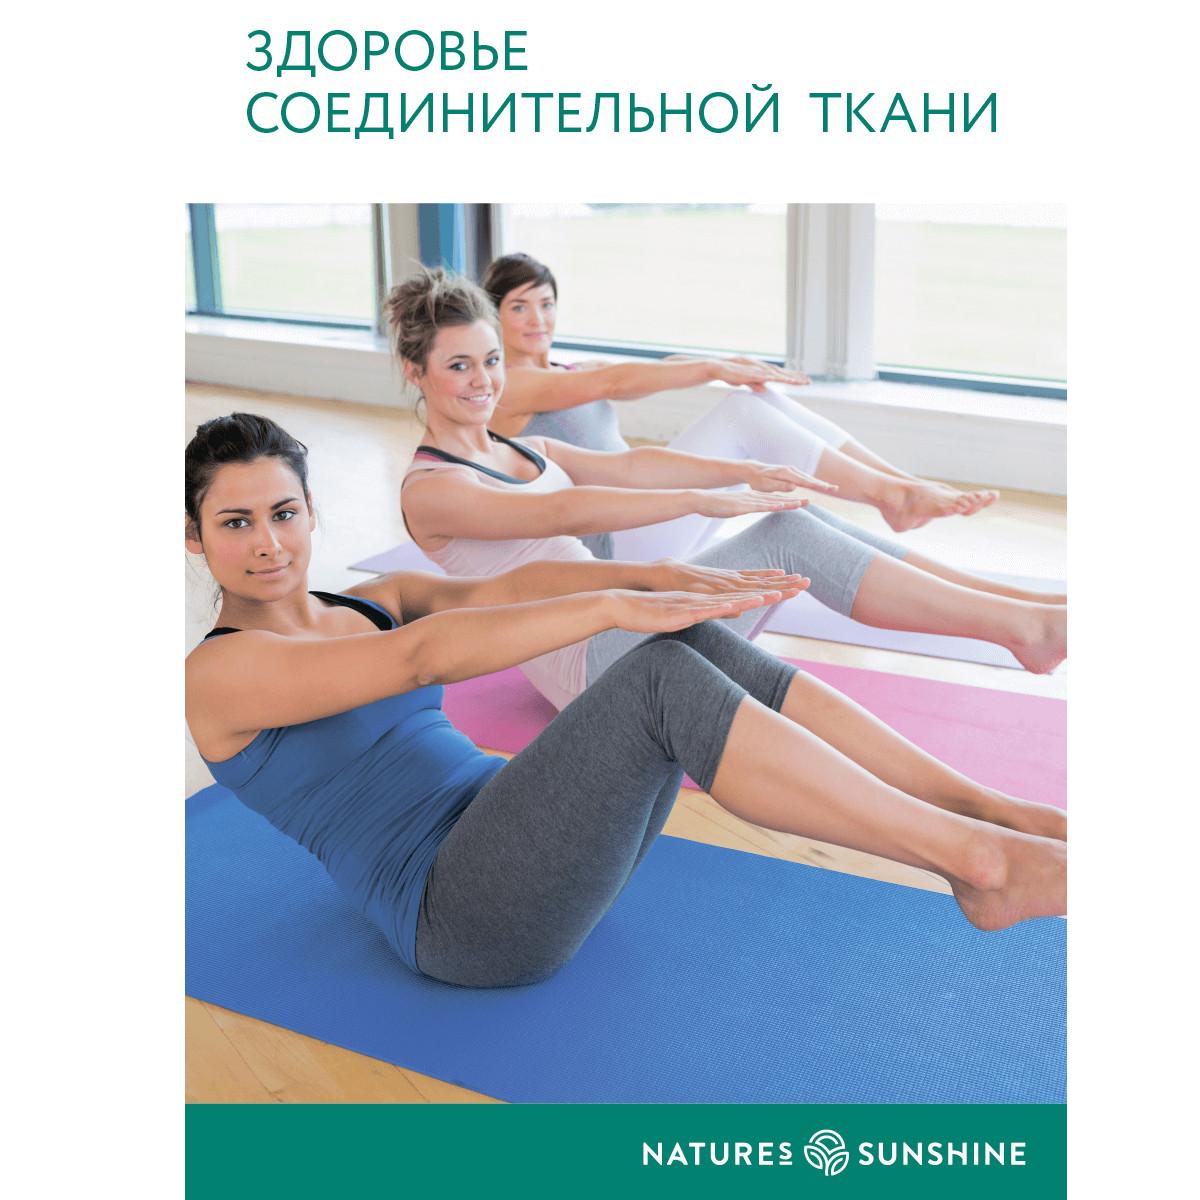 Буклет  «Программа «Здоровье соединительной ткани»